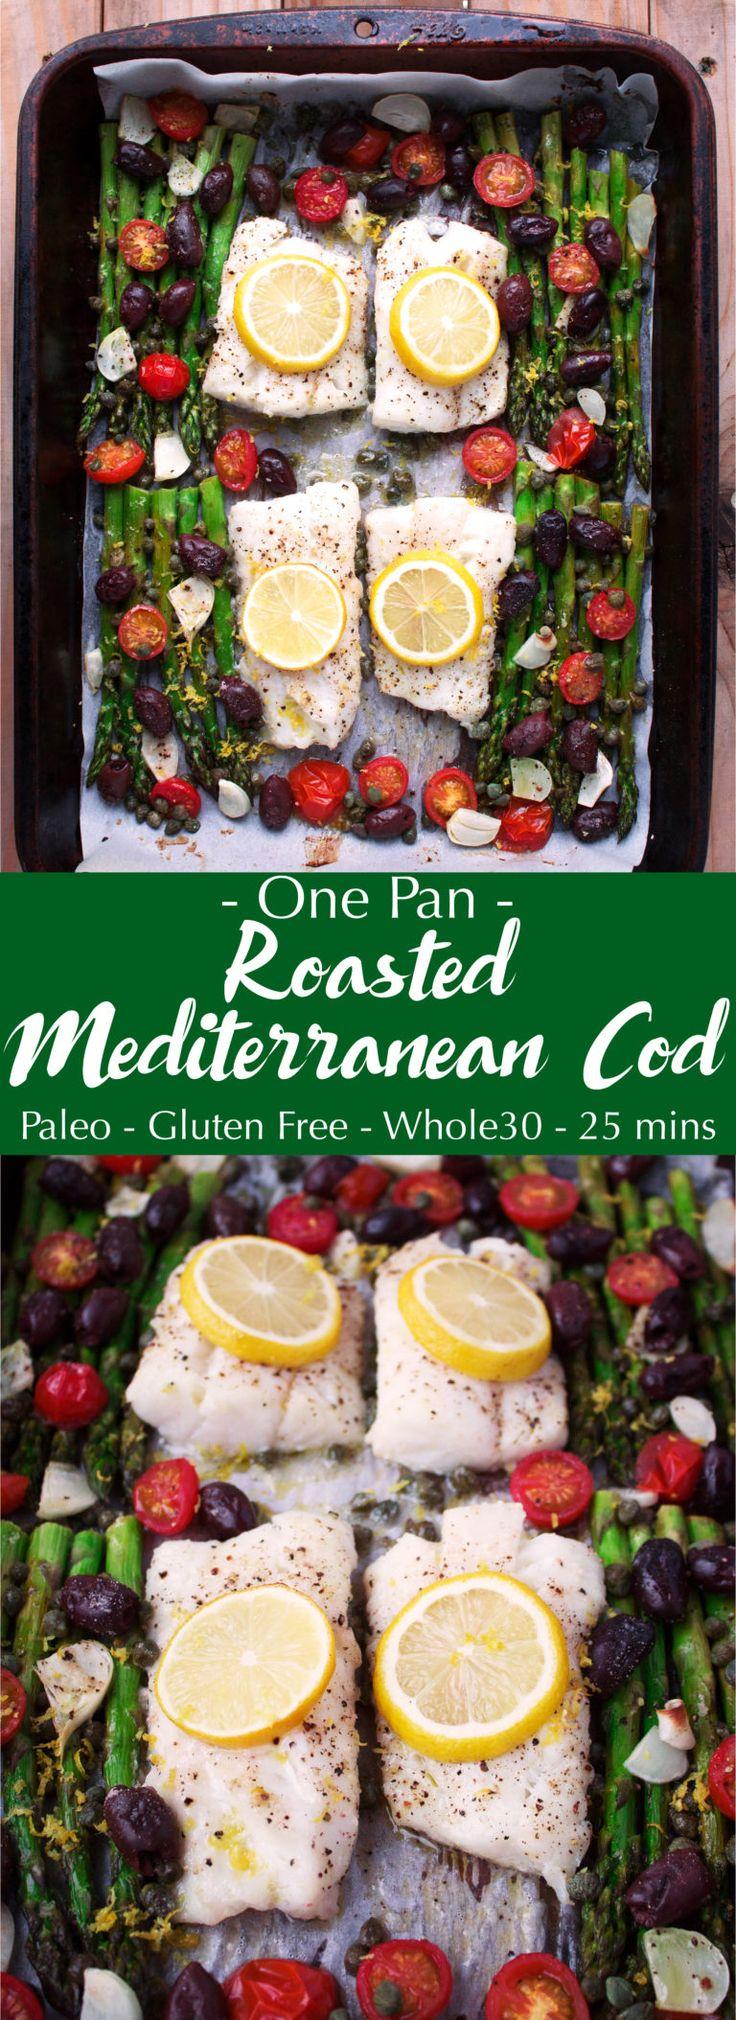 One Pan Roasted Mediterranean Cod (gluten-free, paleo)